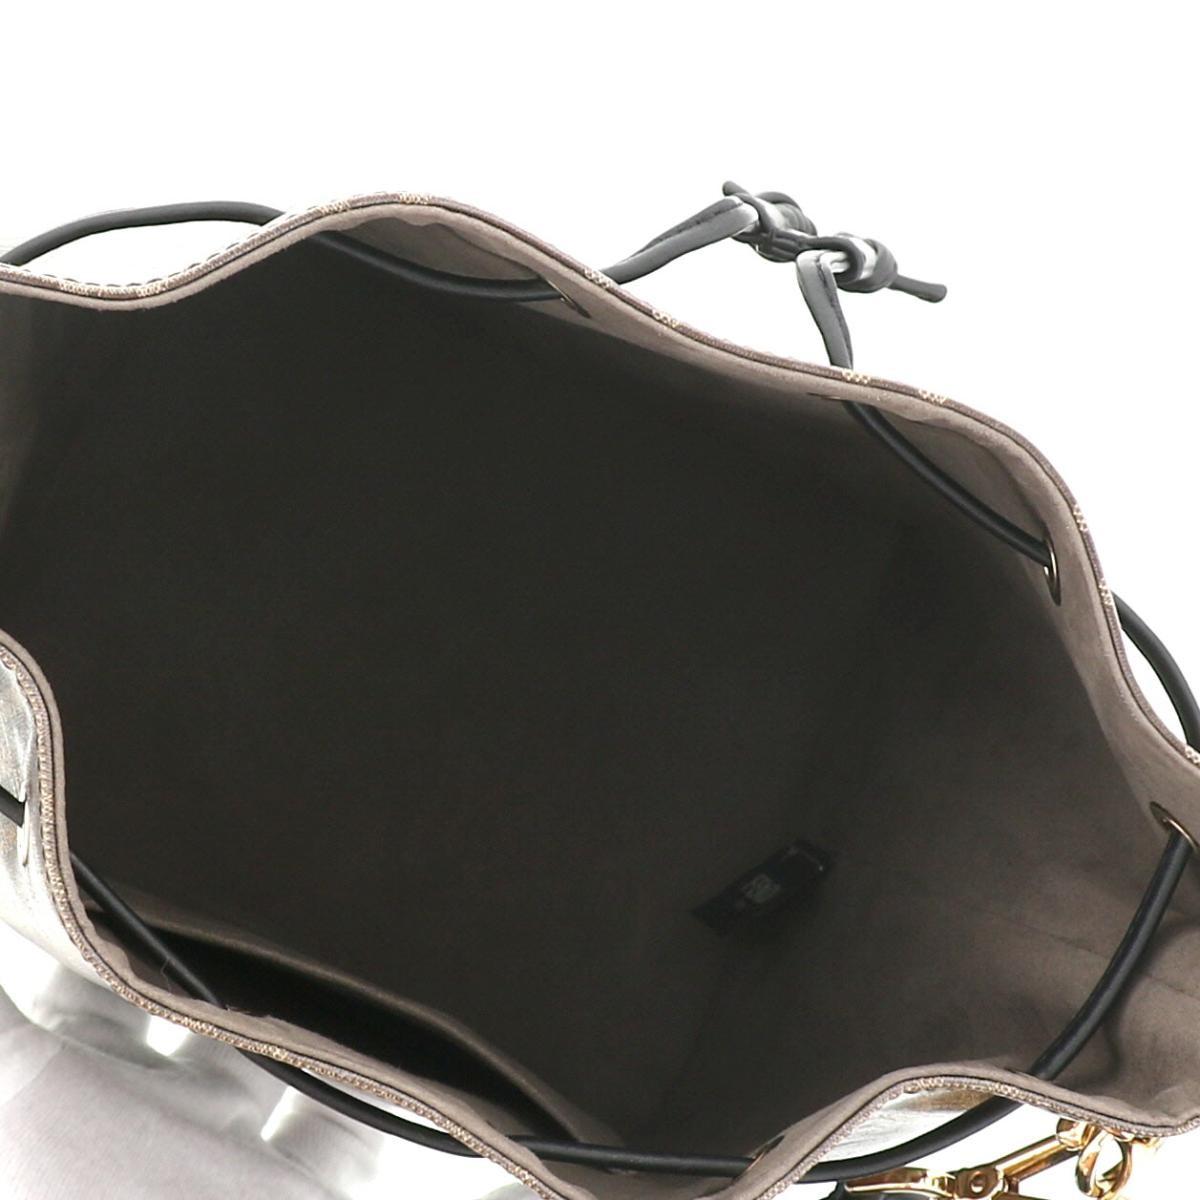 【中古】FENDI フェンディ モントレゾール バッグ ショルダー/メッセンジャーバッグ  Black/ブラック 8BT298 used:B